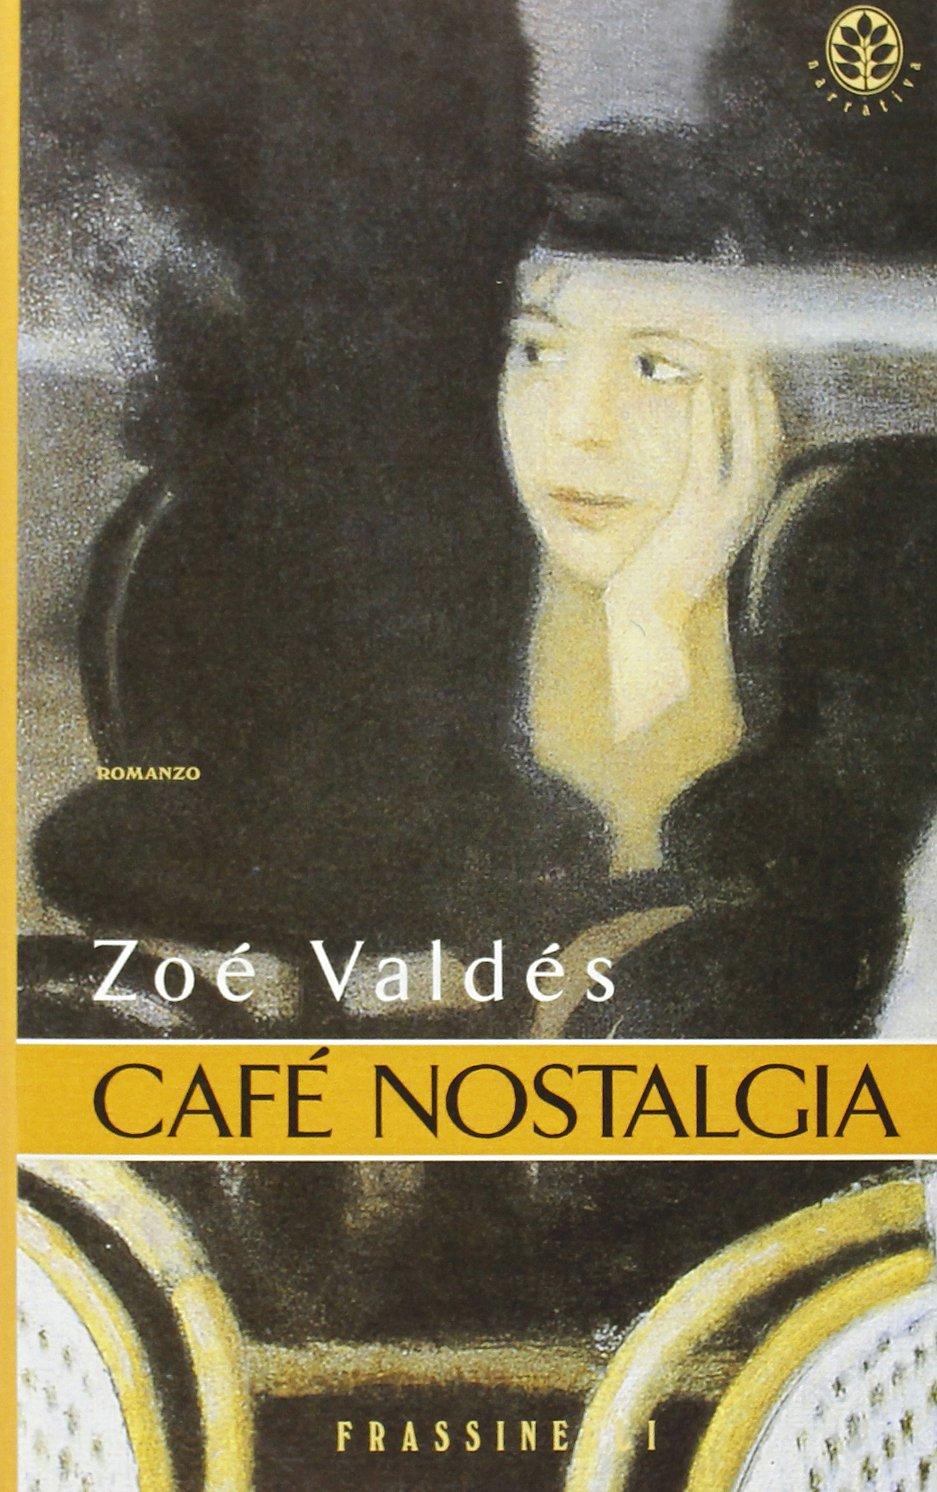 Café nostalgia (Noche oscura)